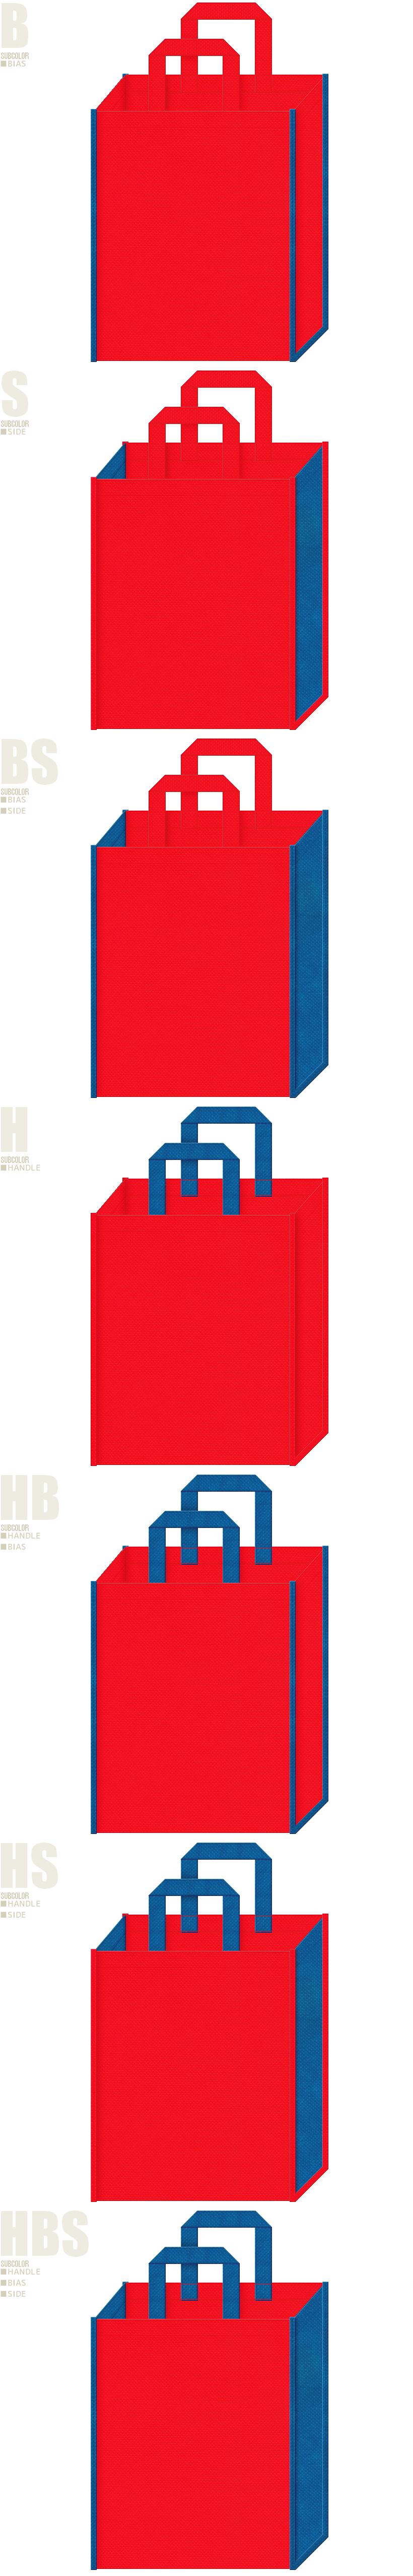 テーマパーク・キッズイベント・おもちゃの福袋にお奨めの不織布バッグデザイン:赤色と青色の配色7パターン